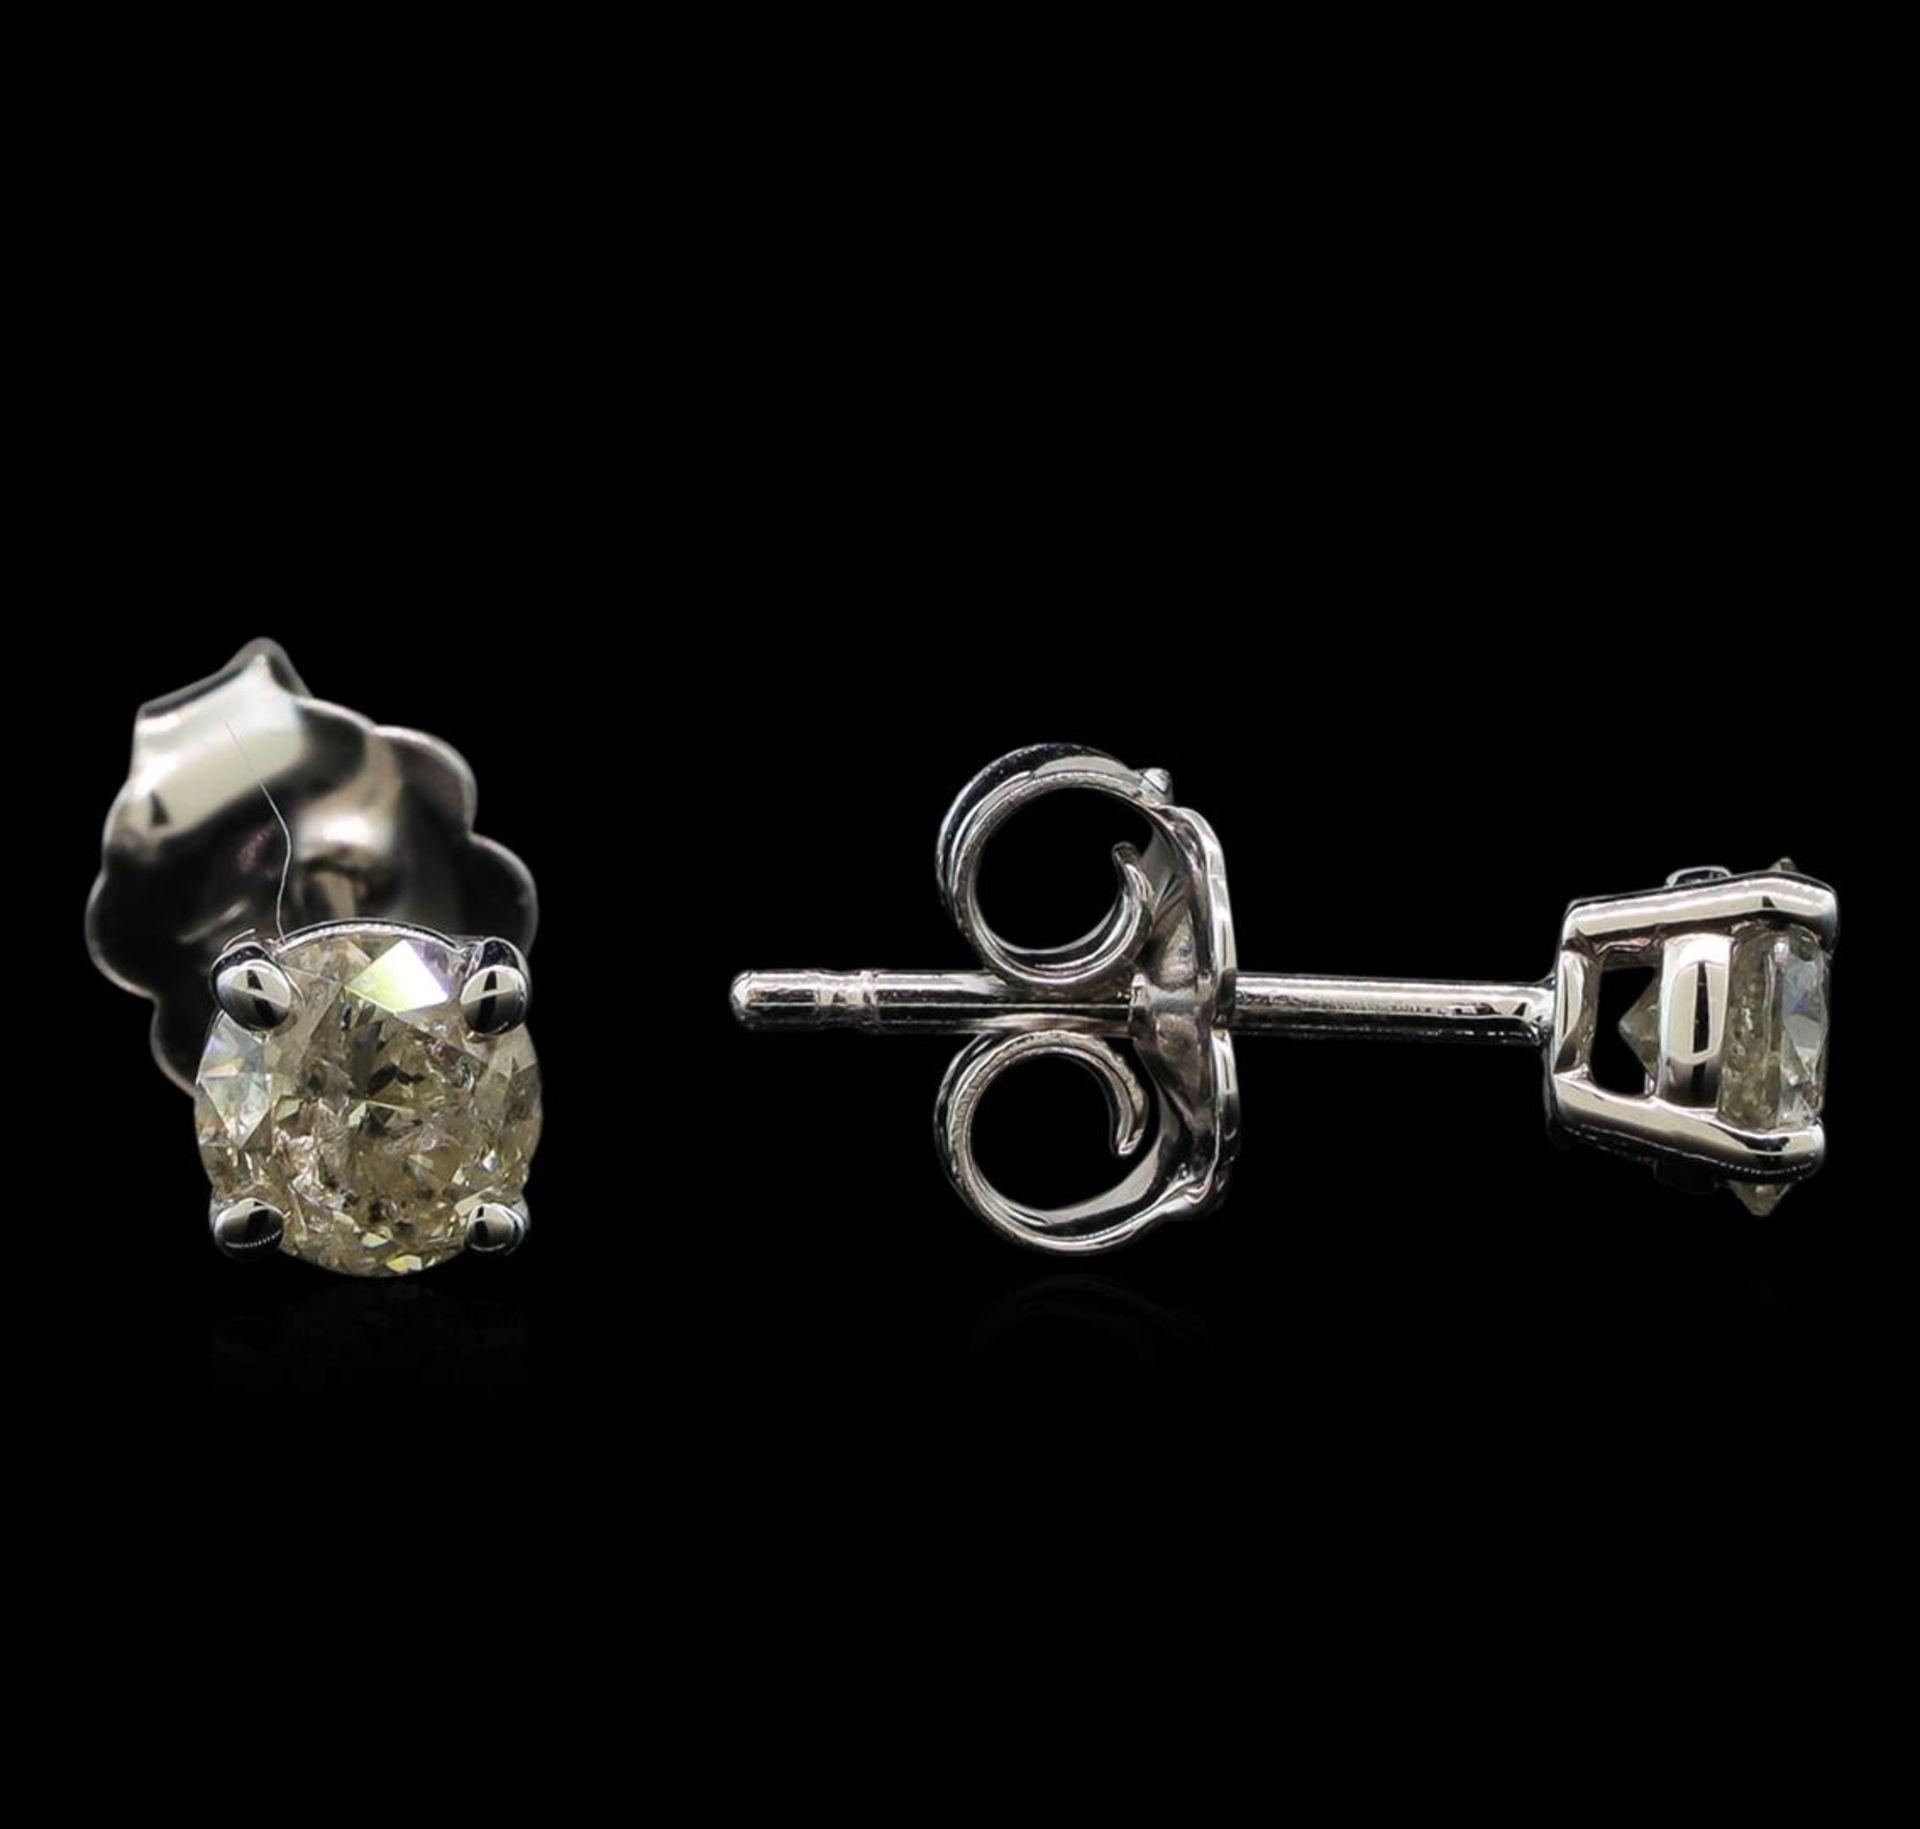 14KT White Gold 0.62 ctw Diamond Stud Earrings - Image 2 of 3